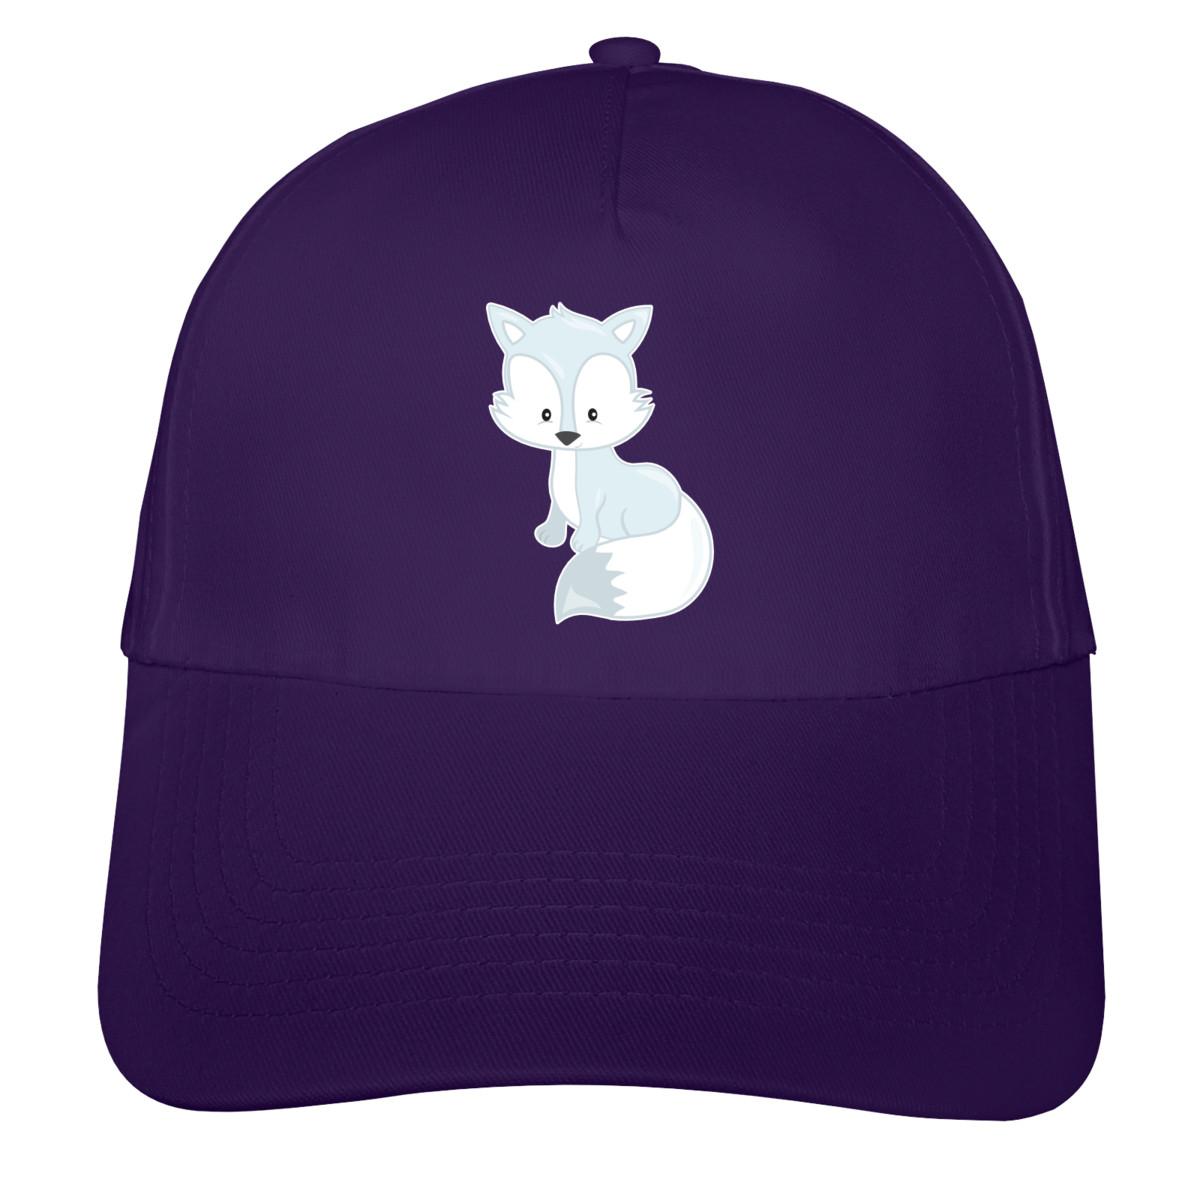 violett/farbiger Aufdruck